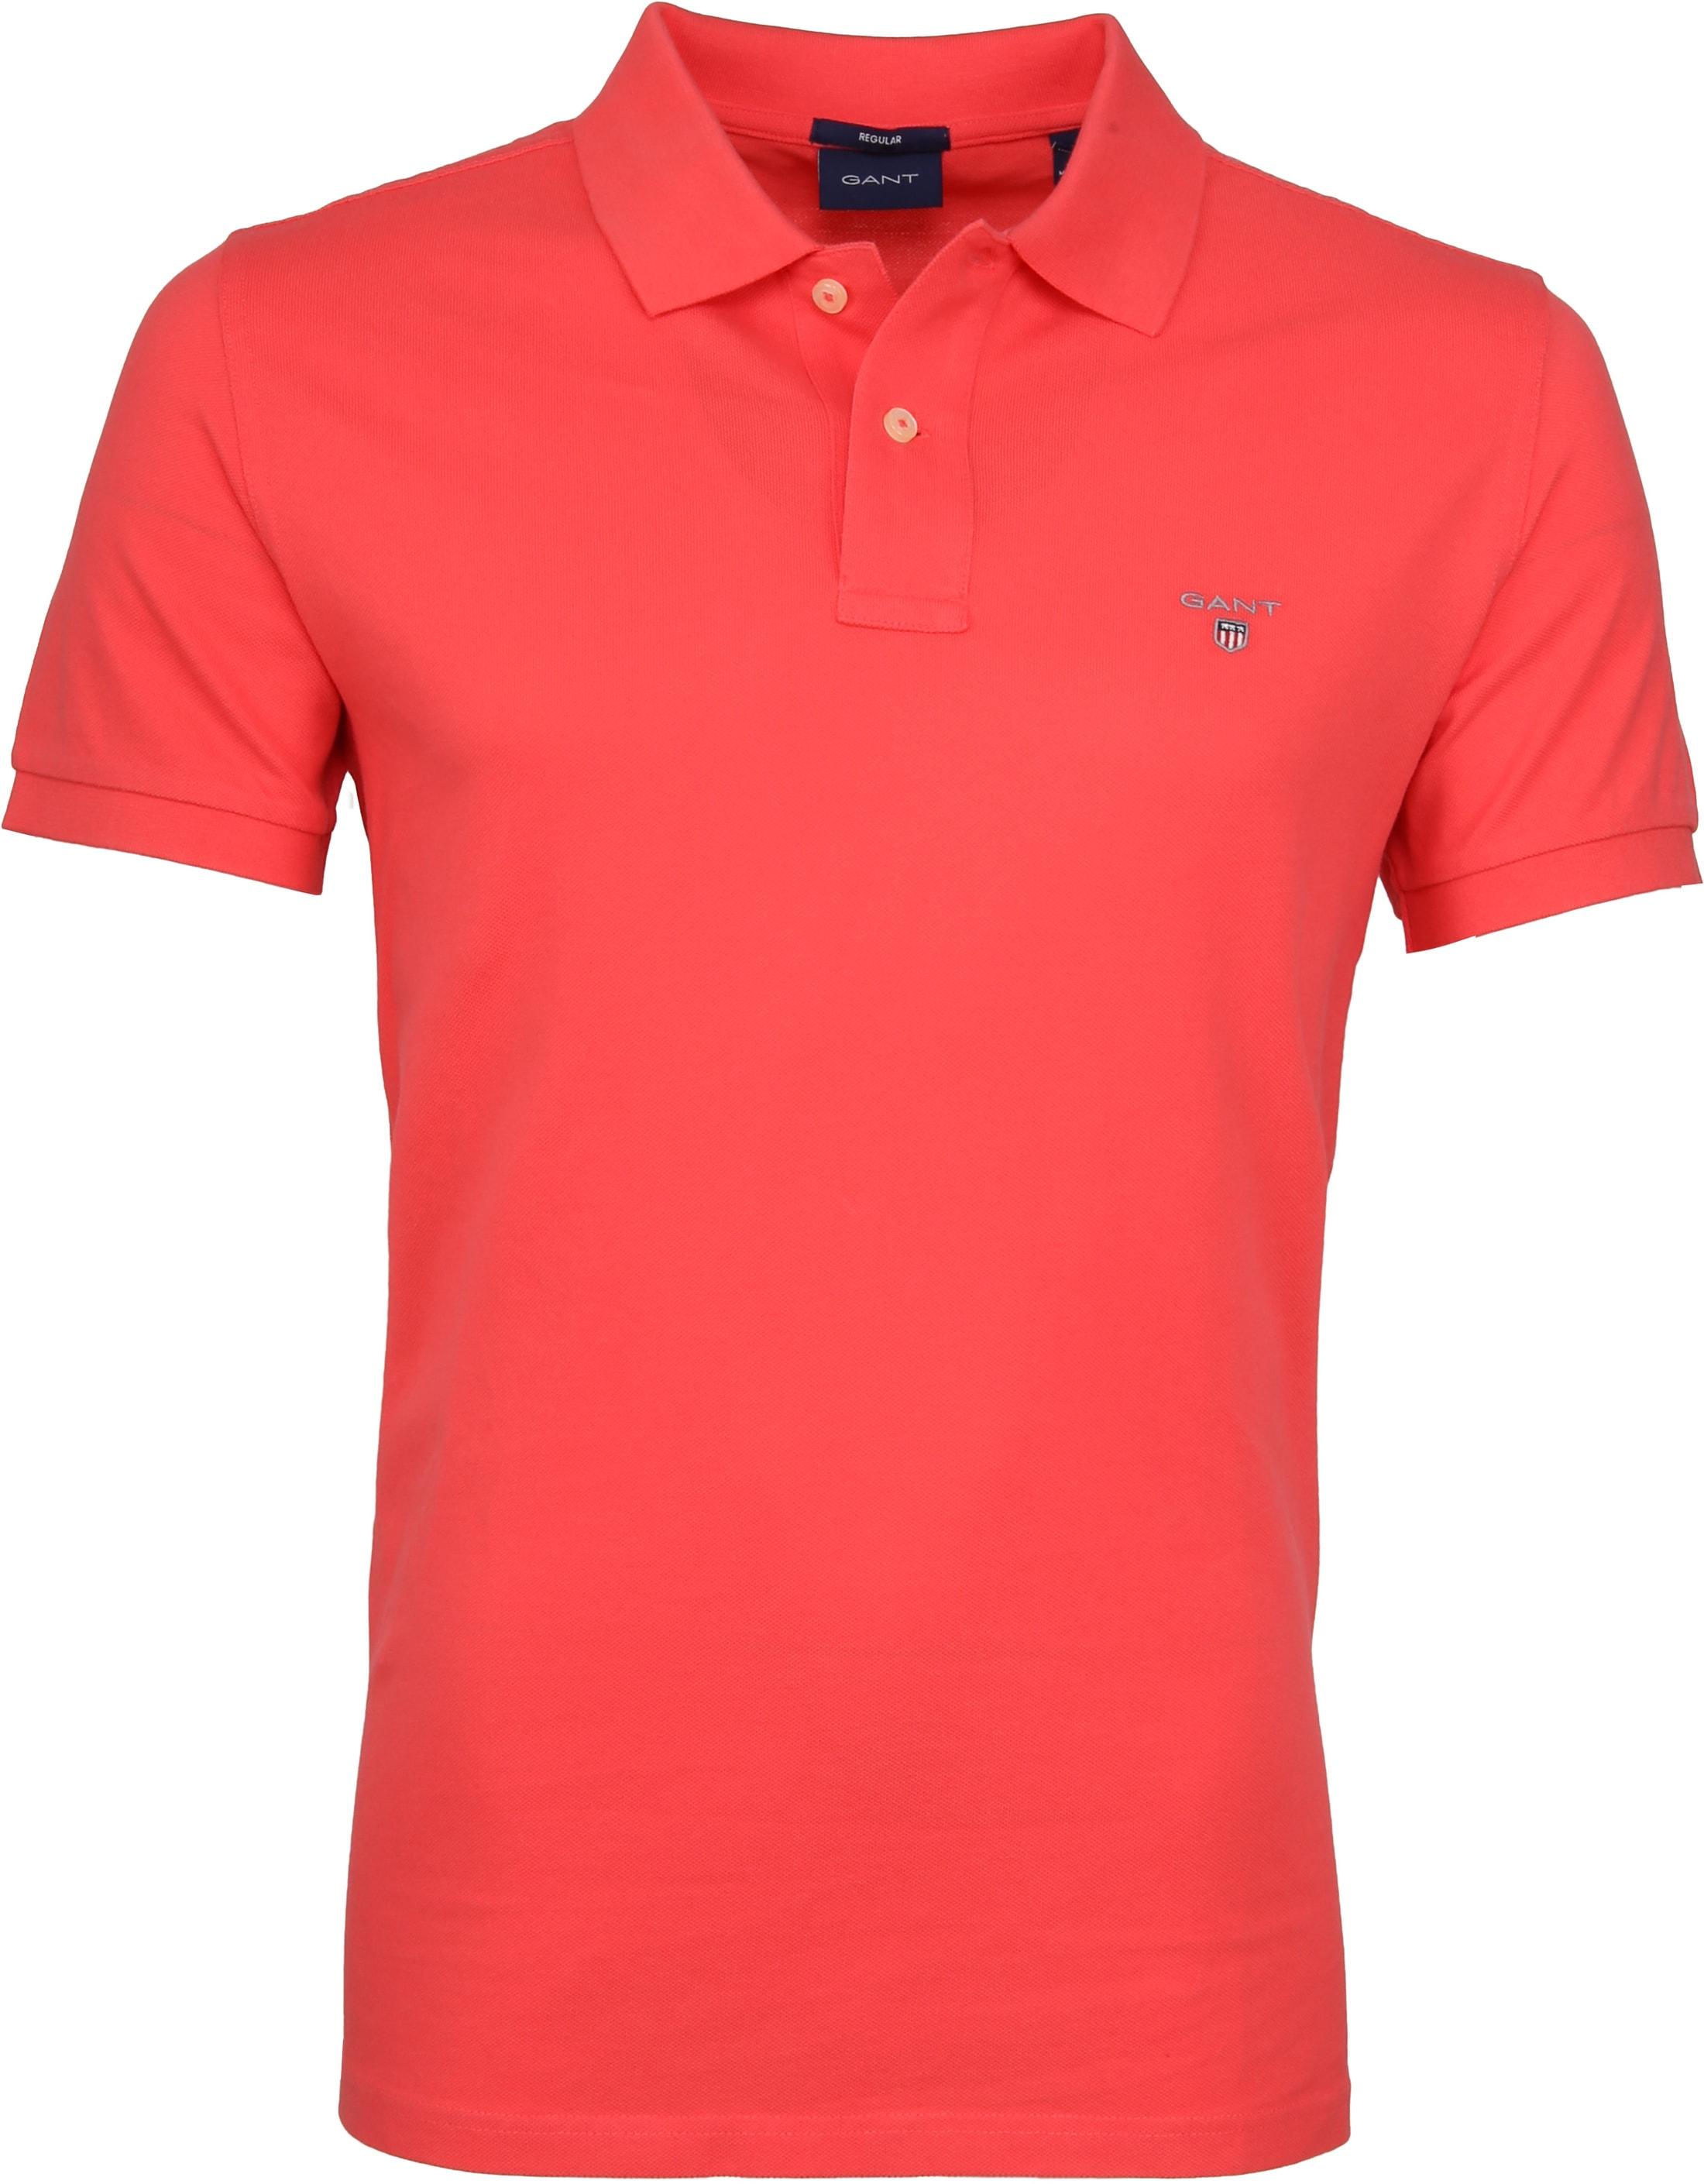 Gant Poloshirt Basic Pink foto 0